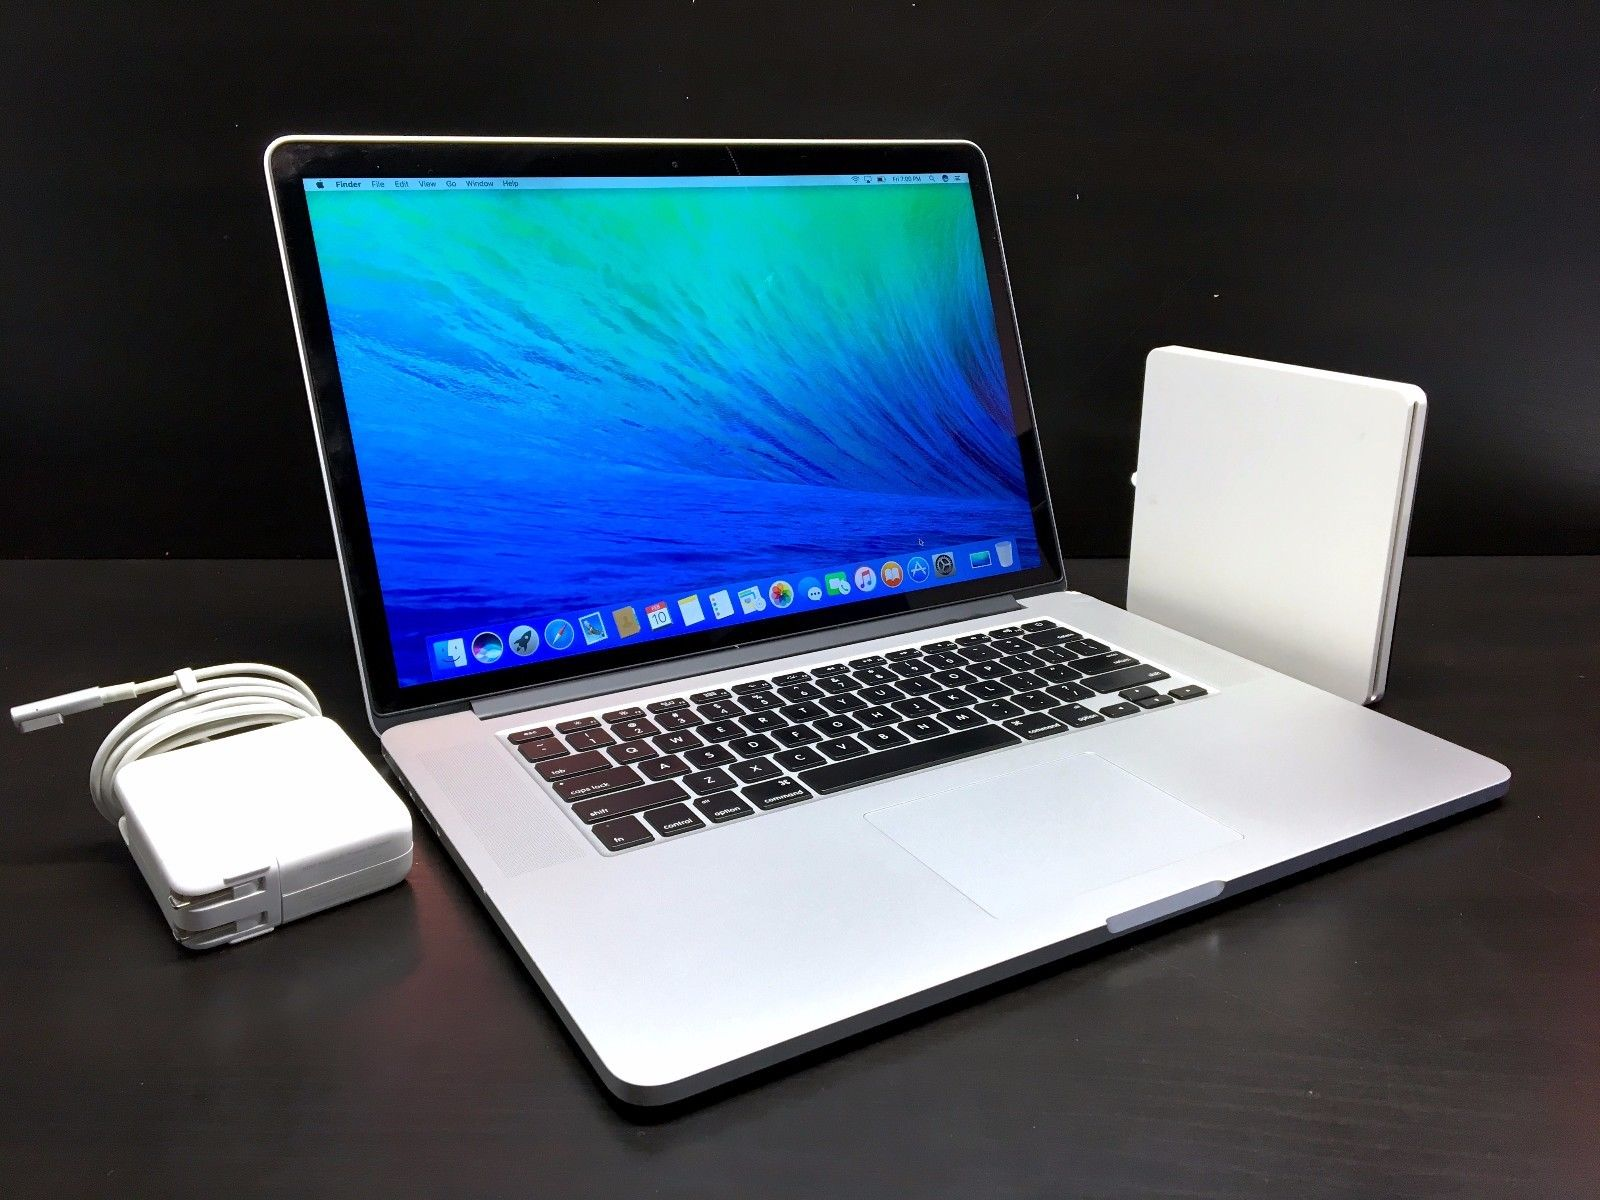 macbook pro 10.1 me664ll-a